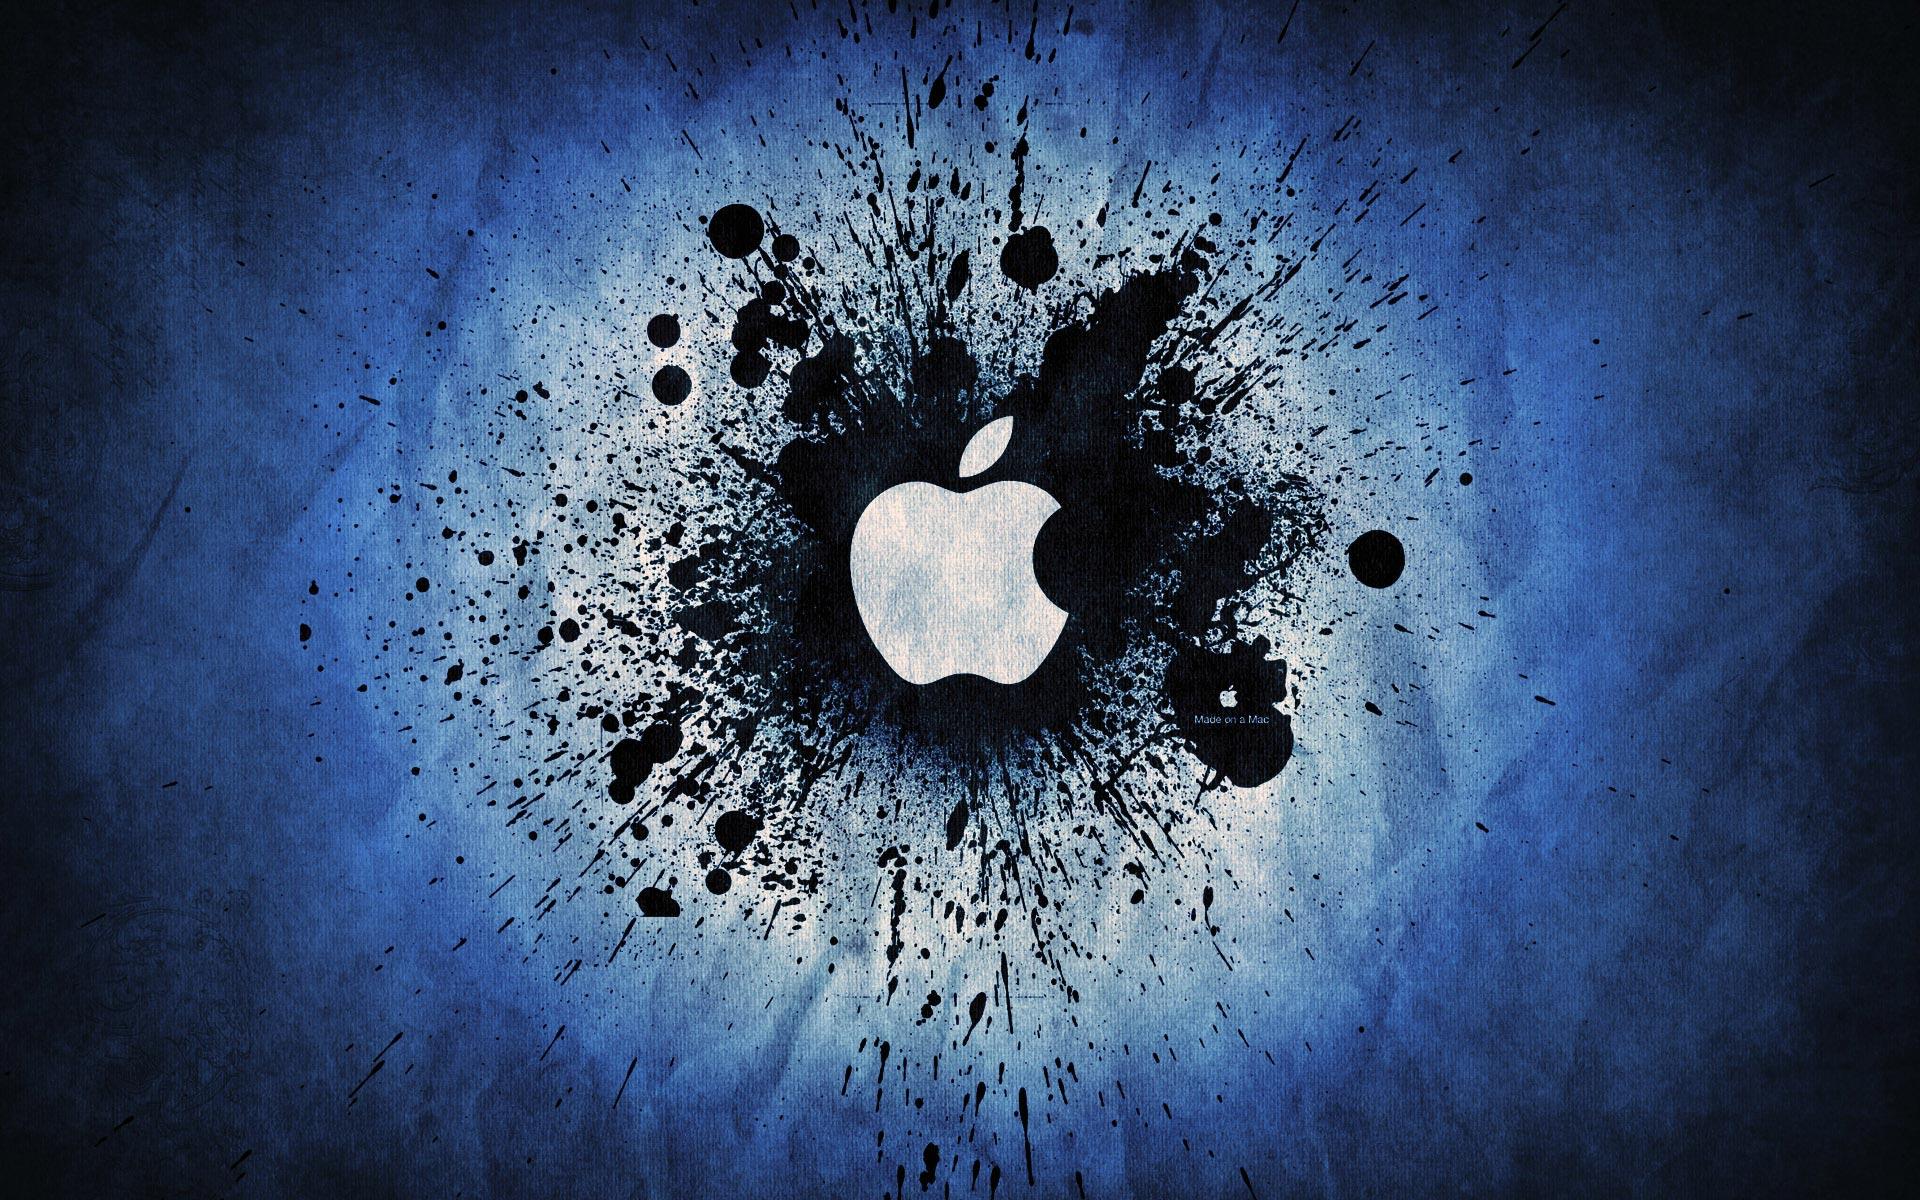 macbook pro desktop wallpaper wallpapersafari